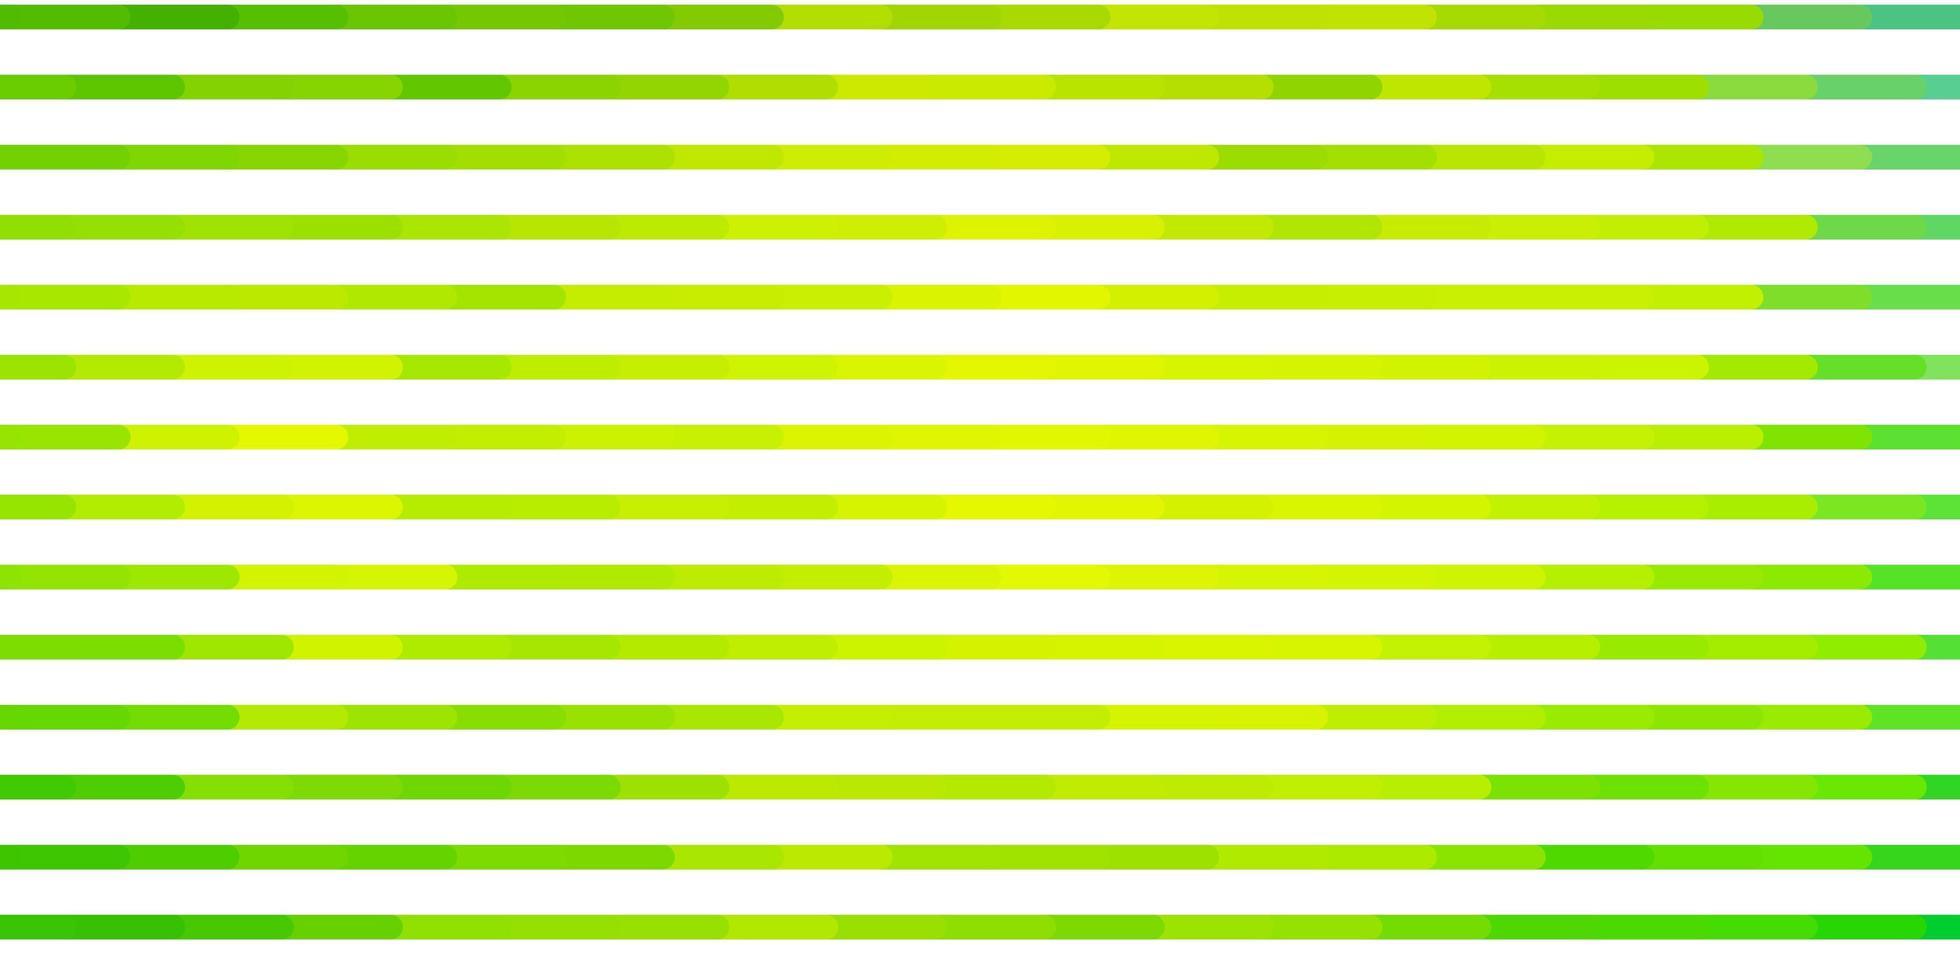 diseño de vector verde claro con líneas.